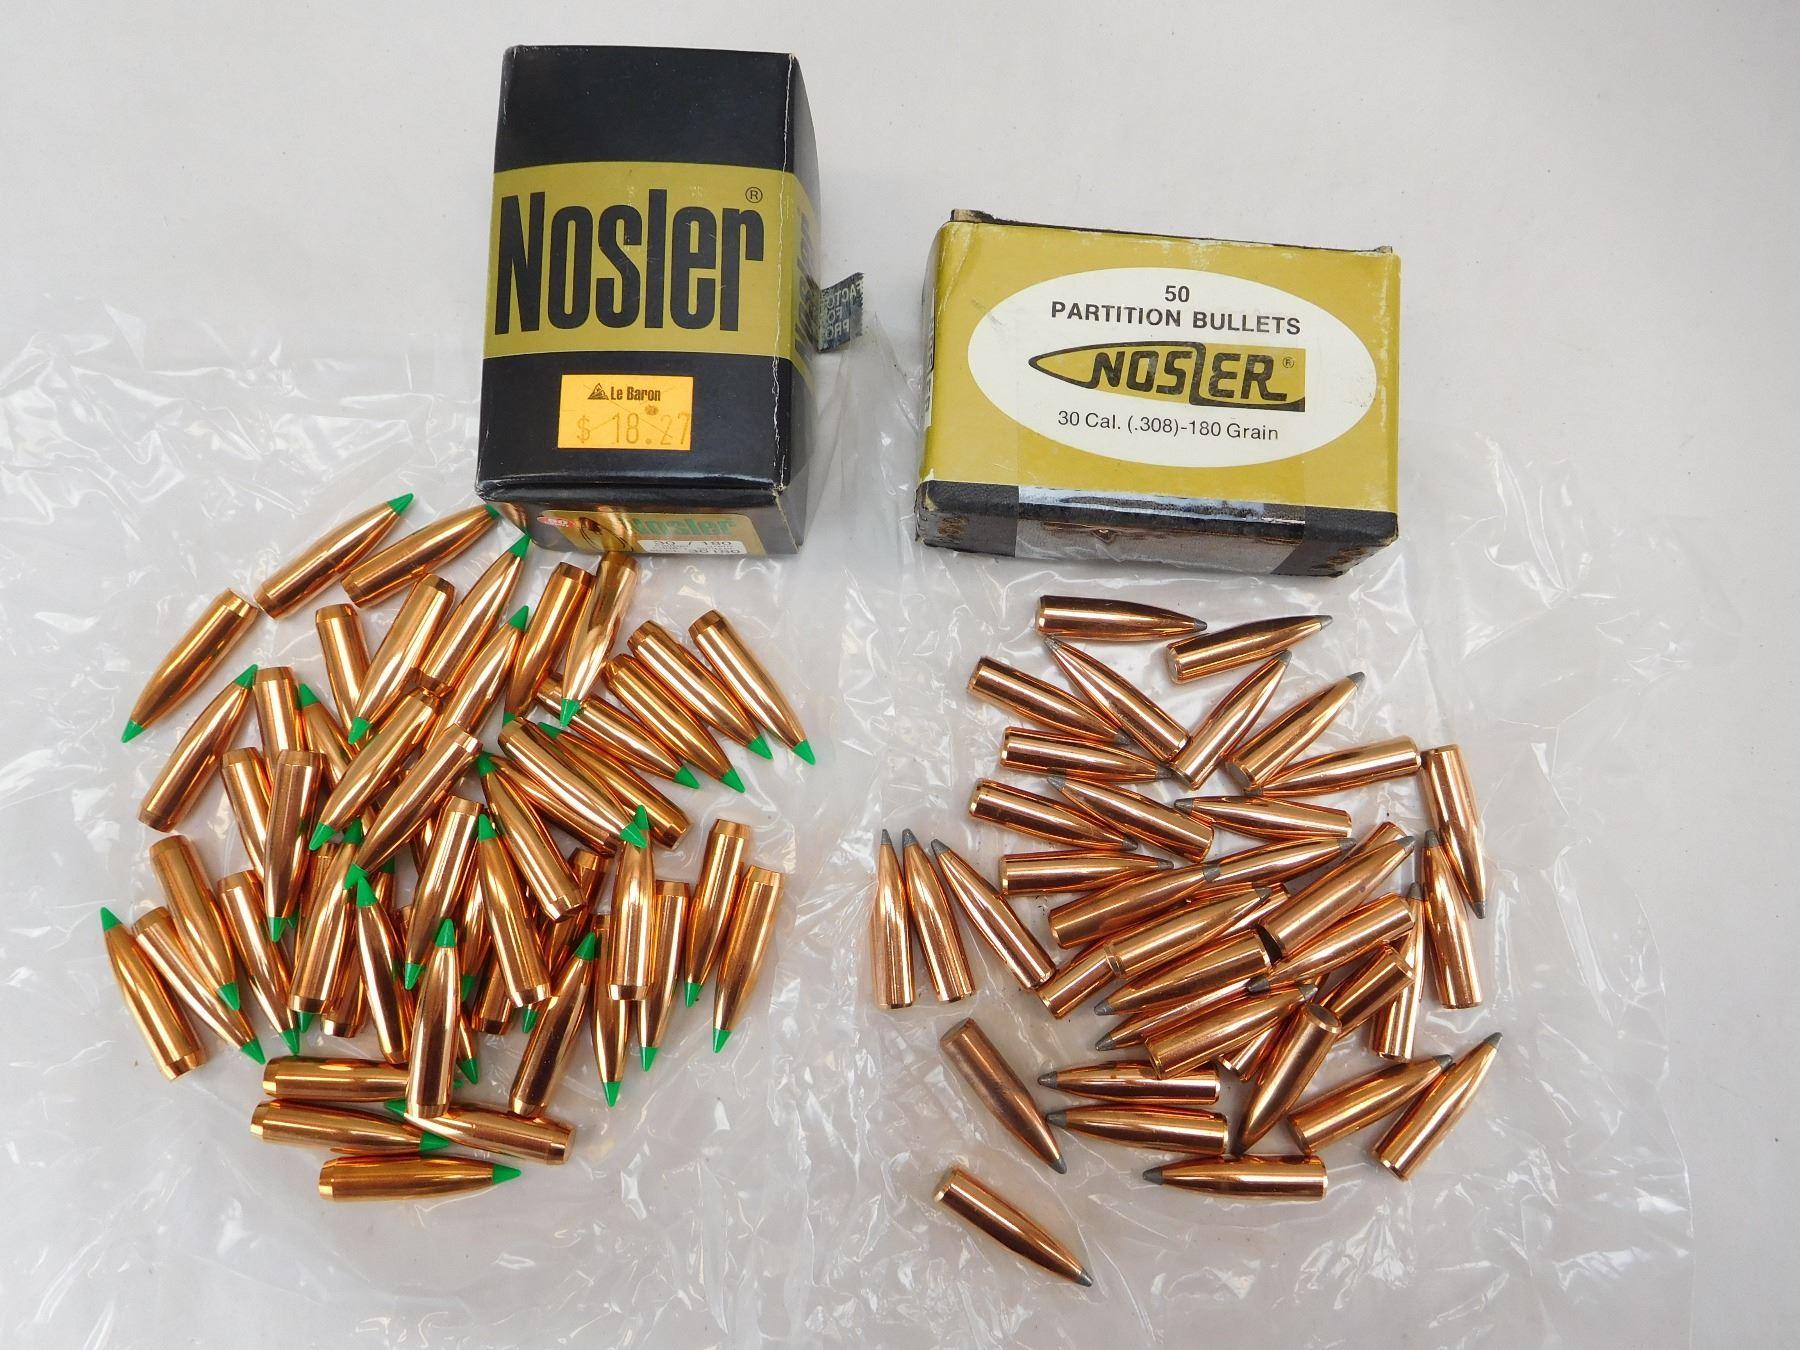 Nosler 30 Cal Bullets